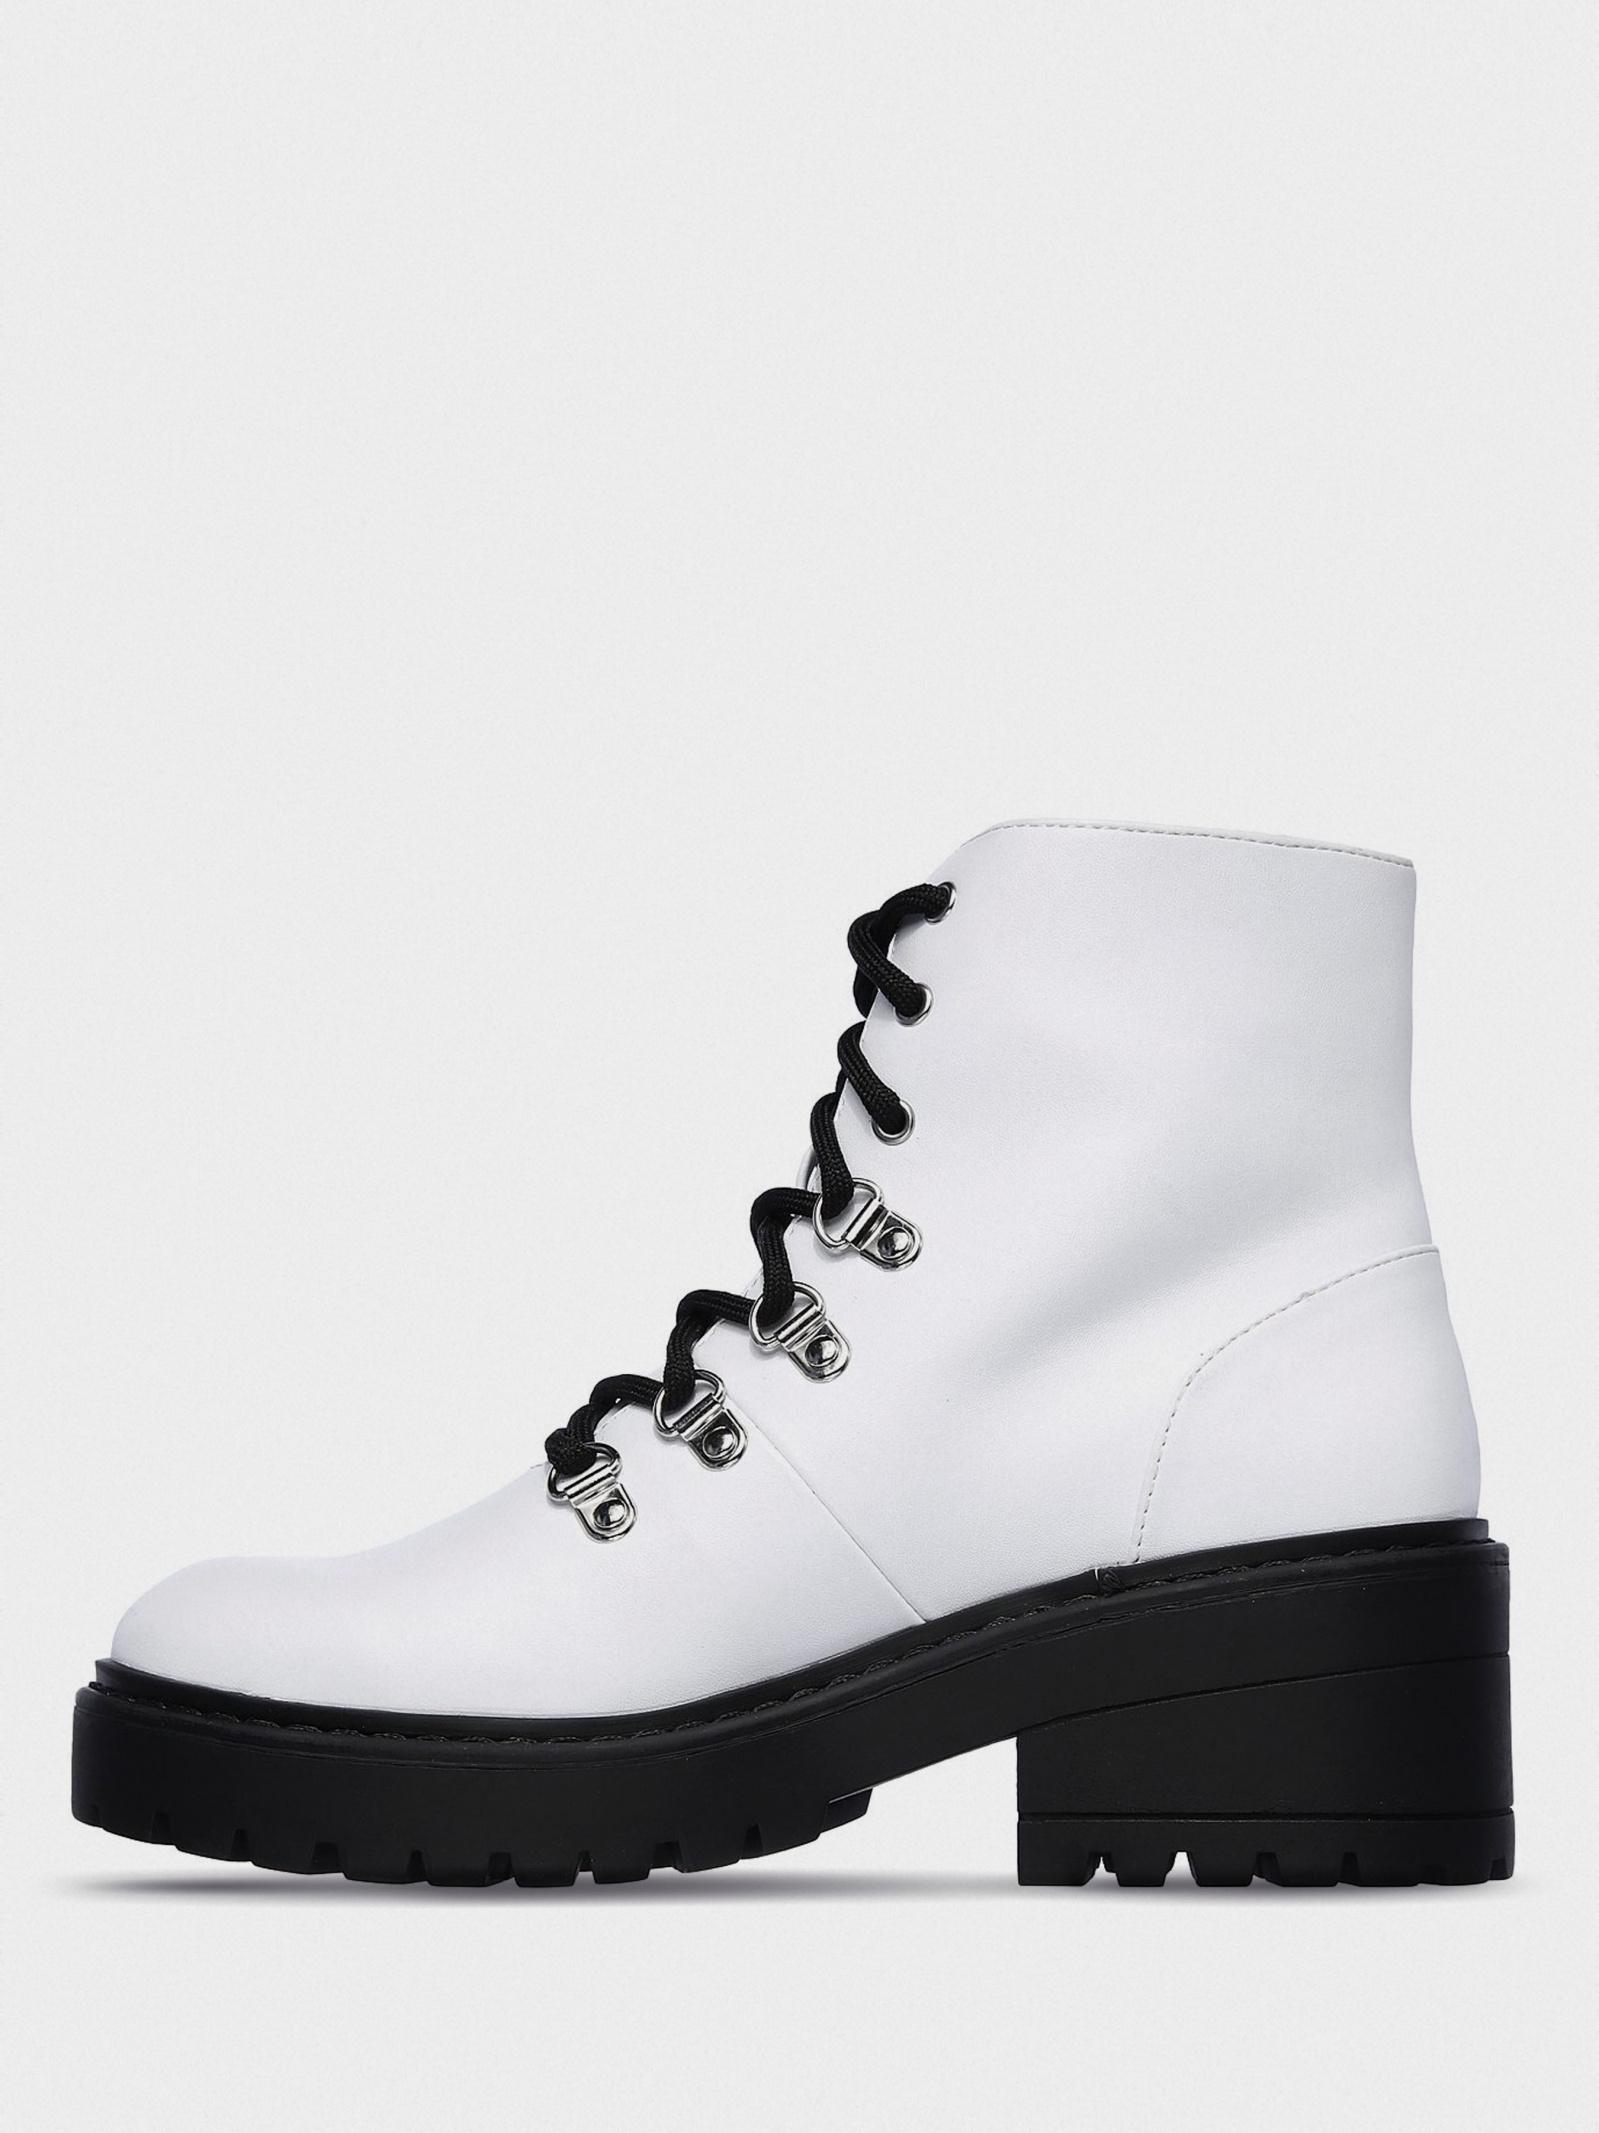 Черевики  для жінок Skechers Modern Comfort 49058 WHT брендове взуття, 2017